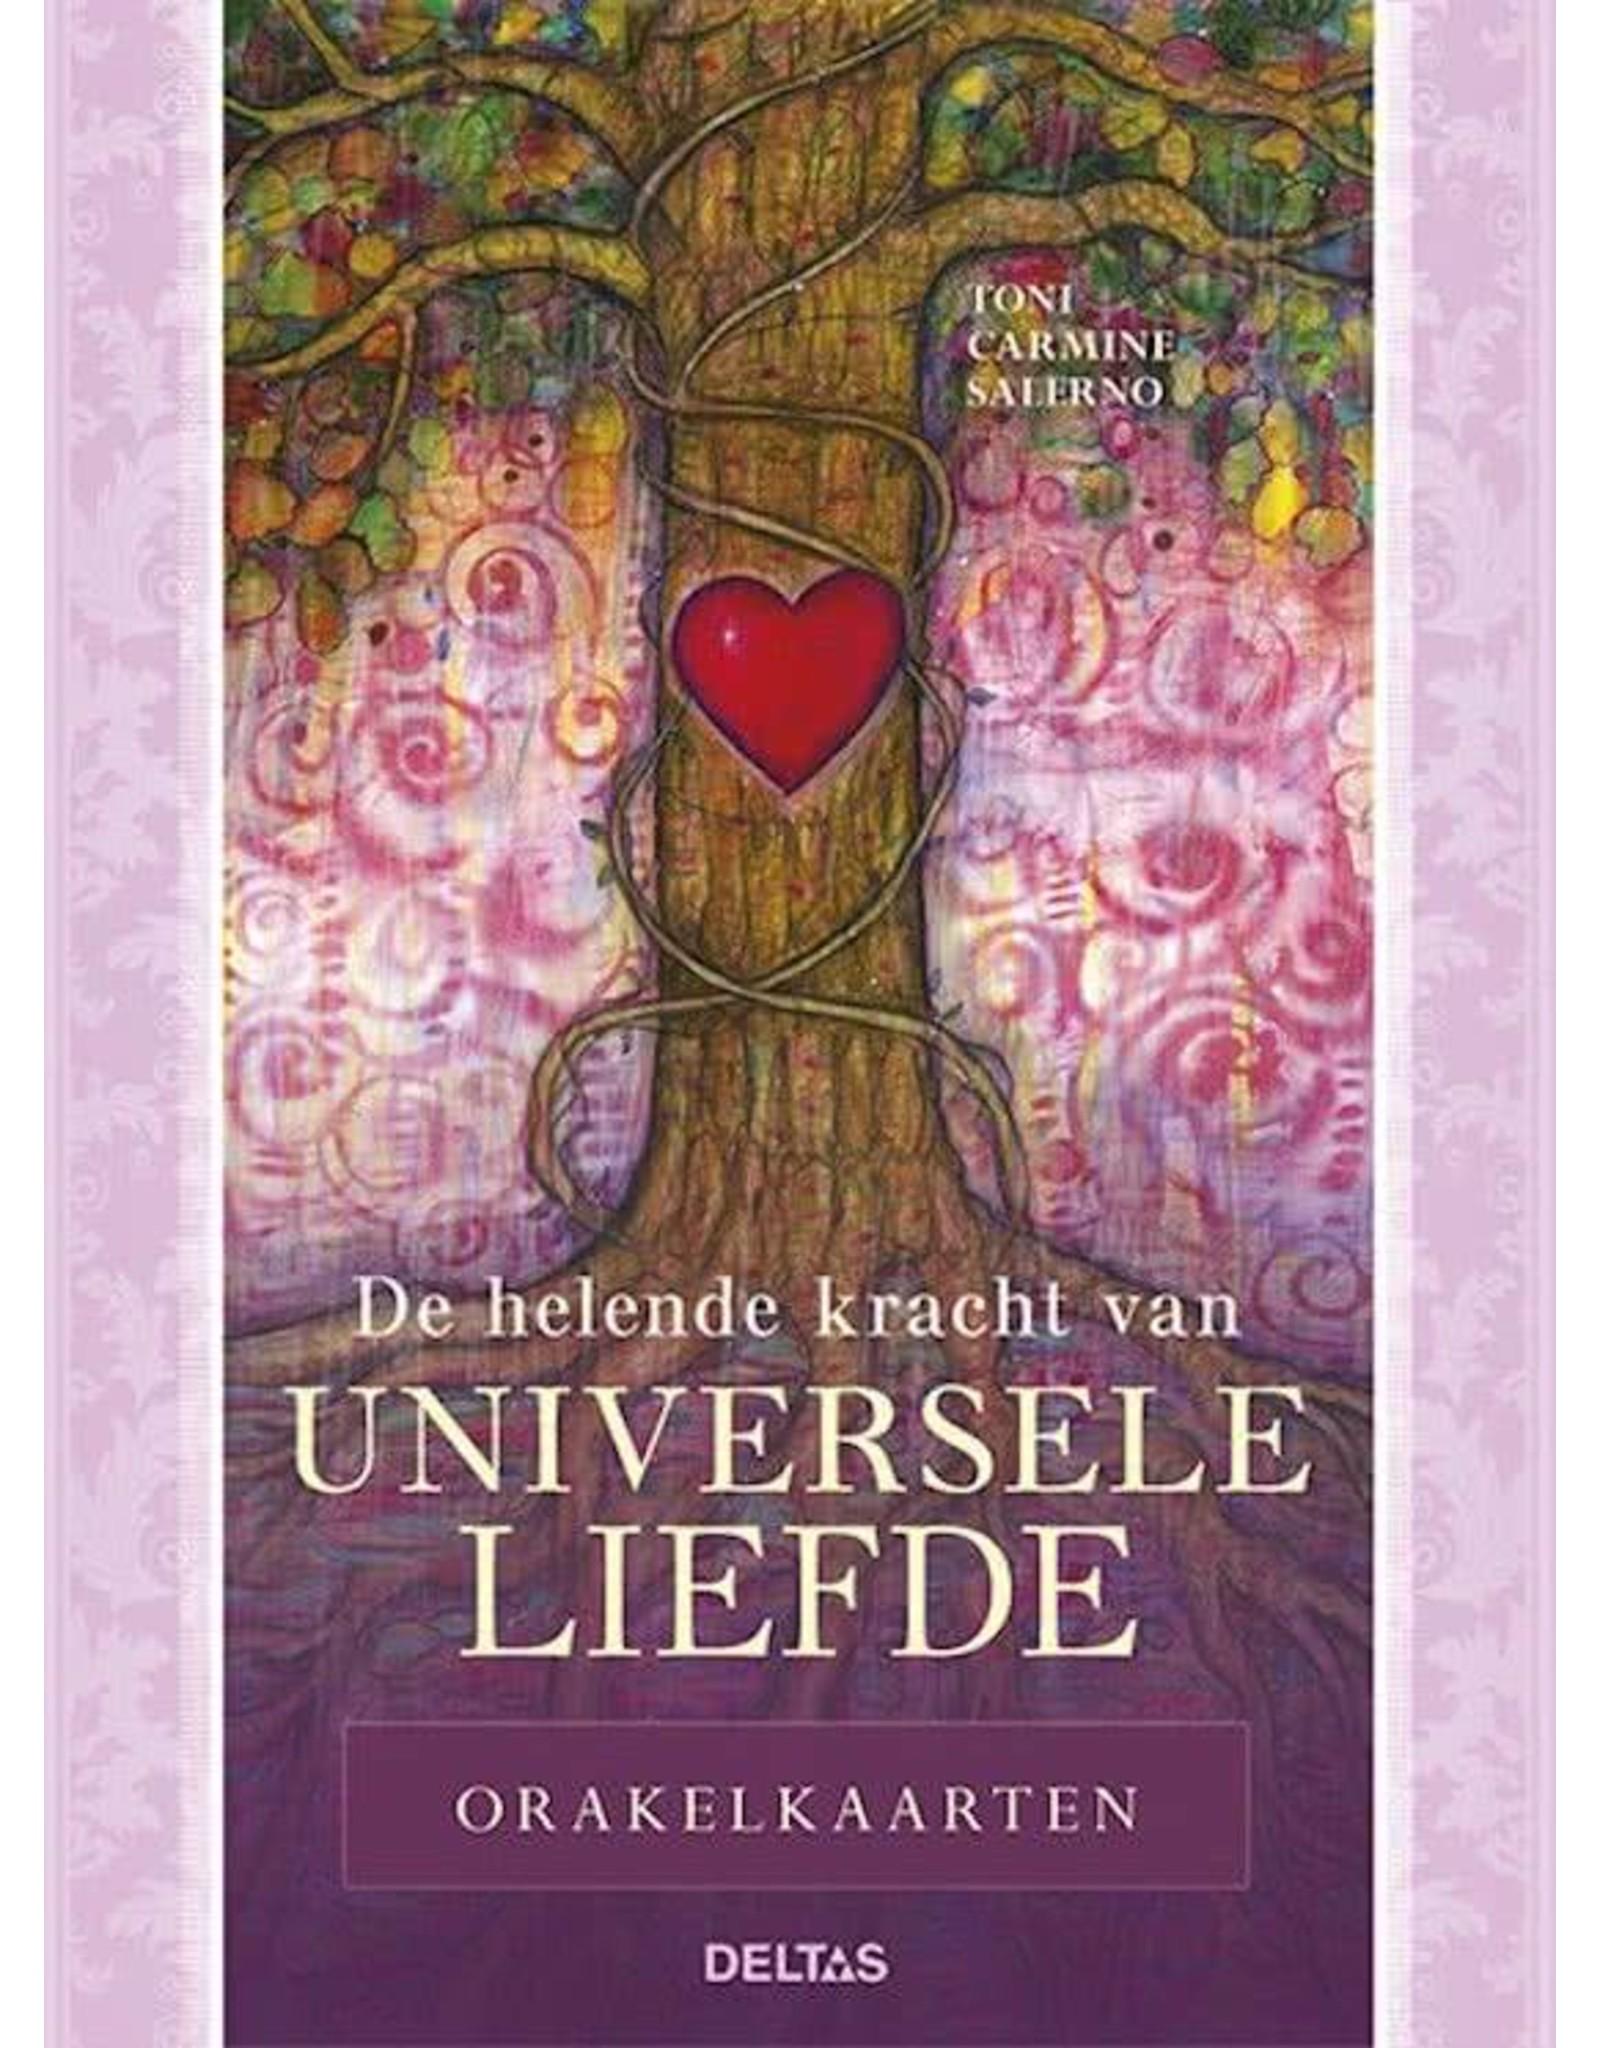 Deltas De helende kracht van universele liefde